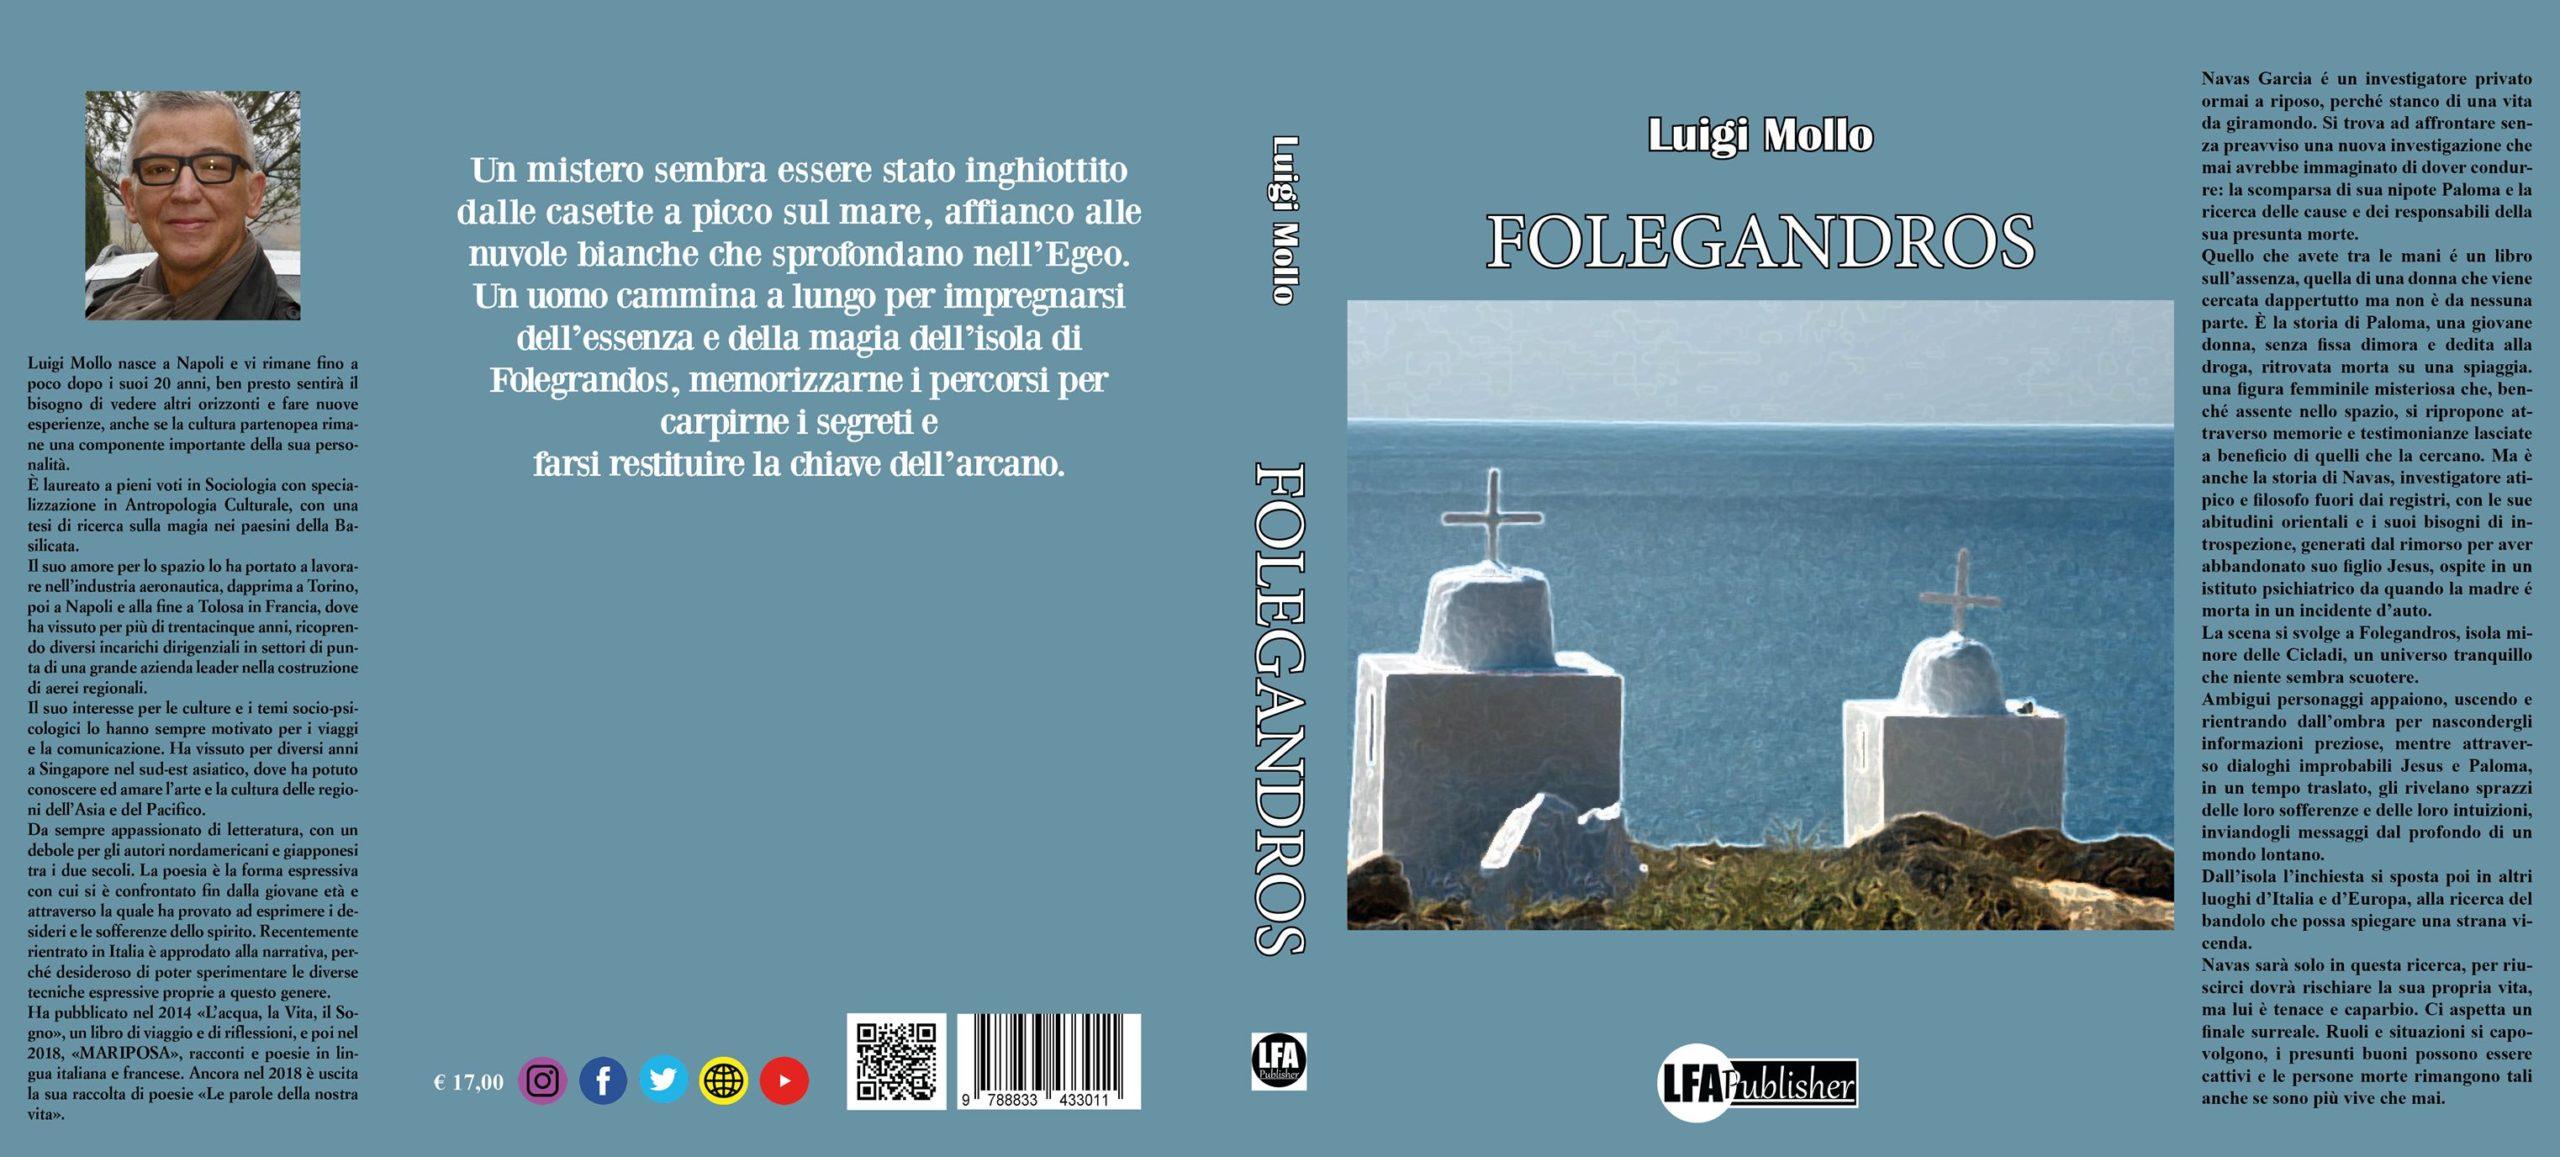 """Le recensioni di RoadTv Italia: """"Folegandros"""", il mistero della verità della vita nel romanzo di Luigi Mollo"""